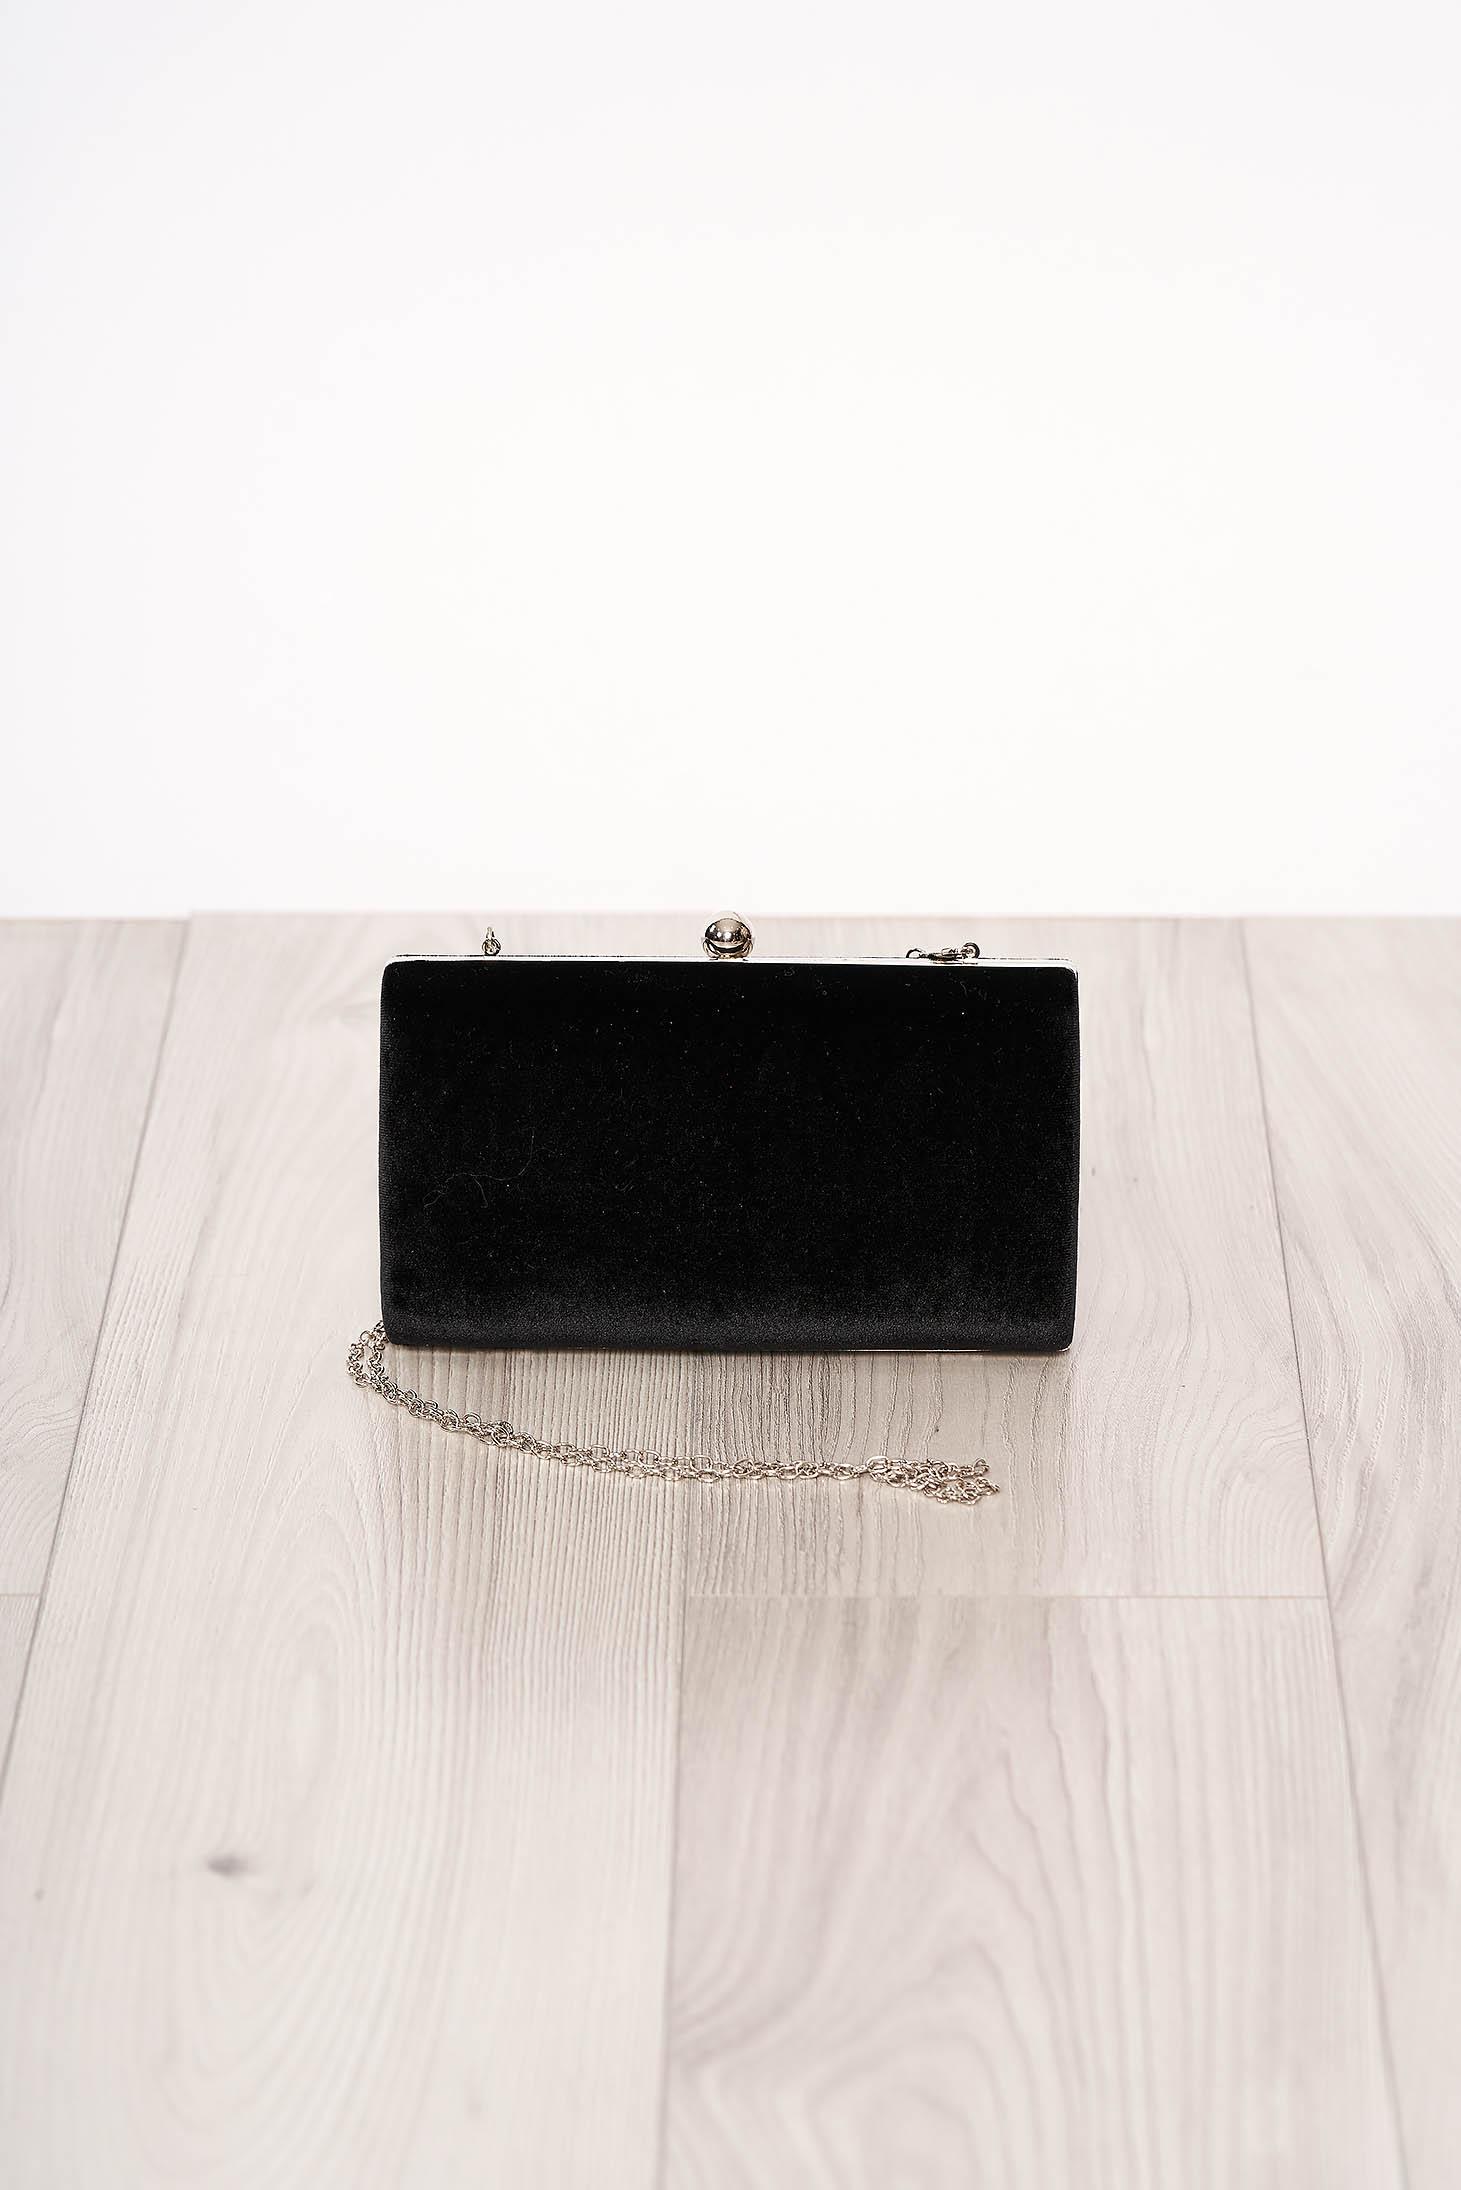 Geanta dama SunShine neagra de ocazie din piele intoarsa ecologica cu aspect satinat cu maner lung tip lantisor accesorizata cu o catarama